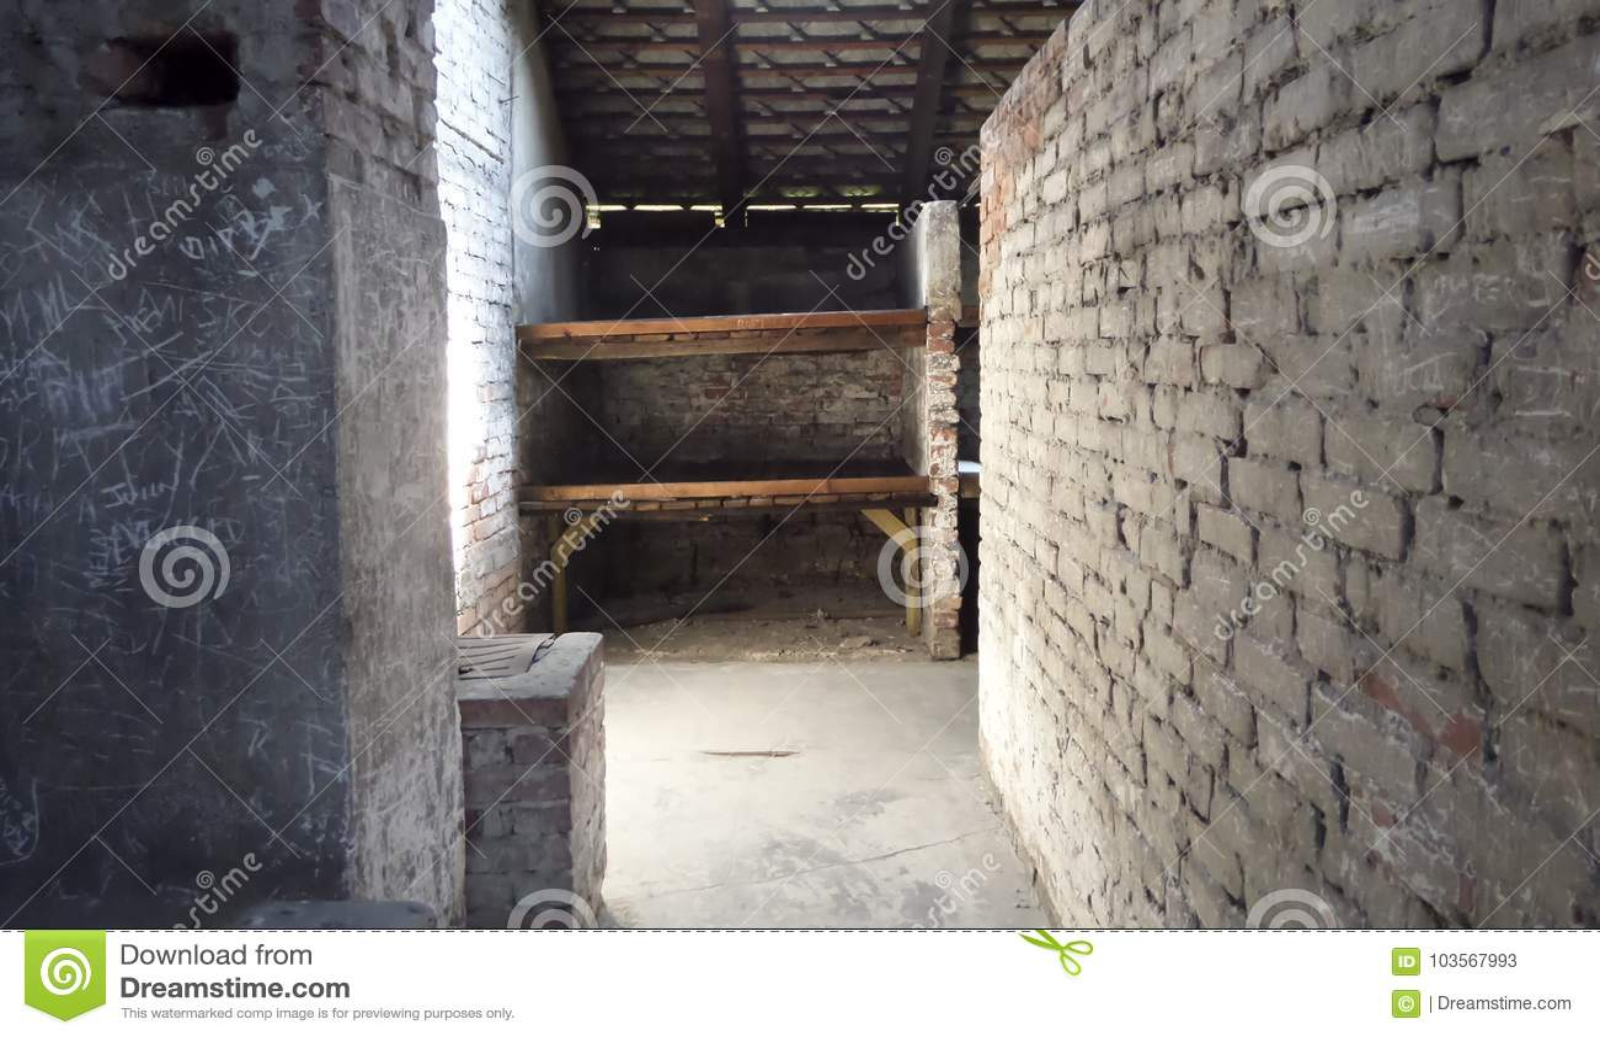 Auschwitz II - Birkenau, barrack - July 6th, 2015 - Krakow, Poland